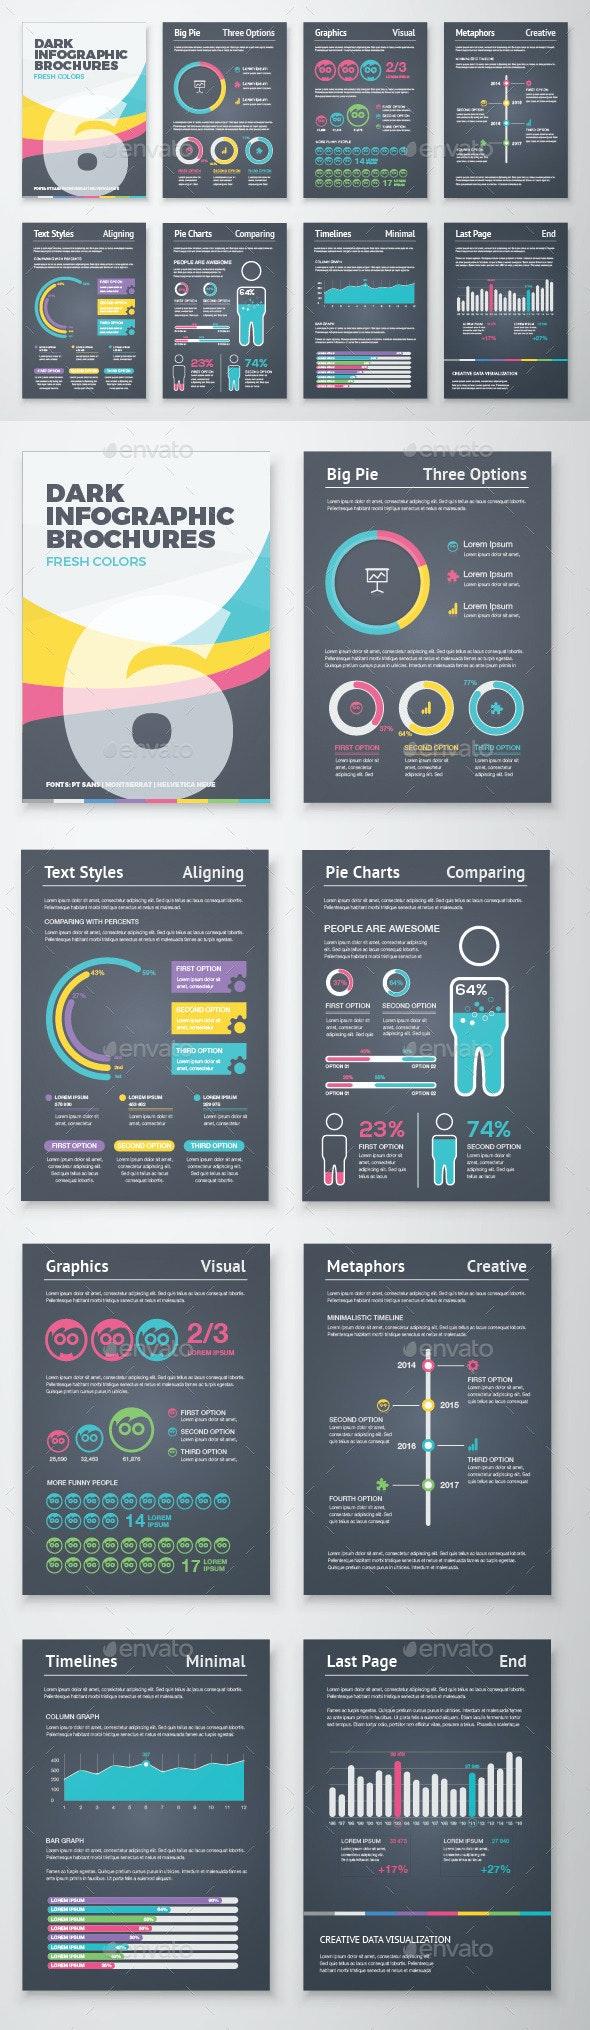 Dark Infographic Brochure Vector Elements Kit 6 - Infographics